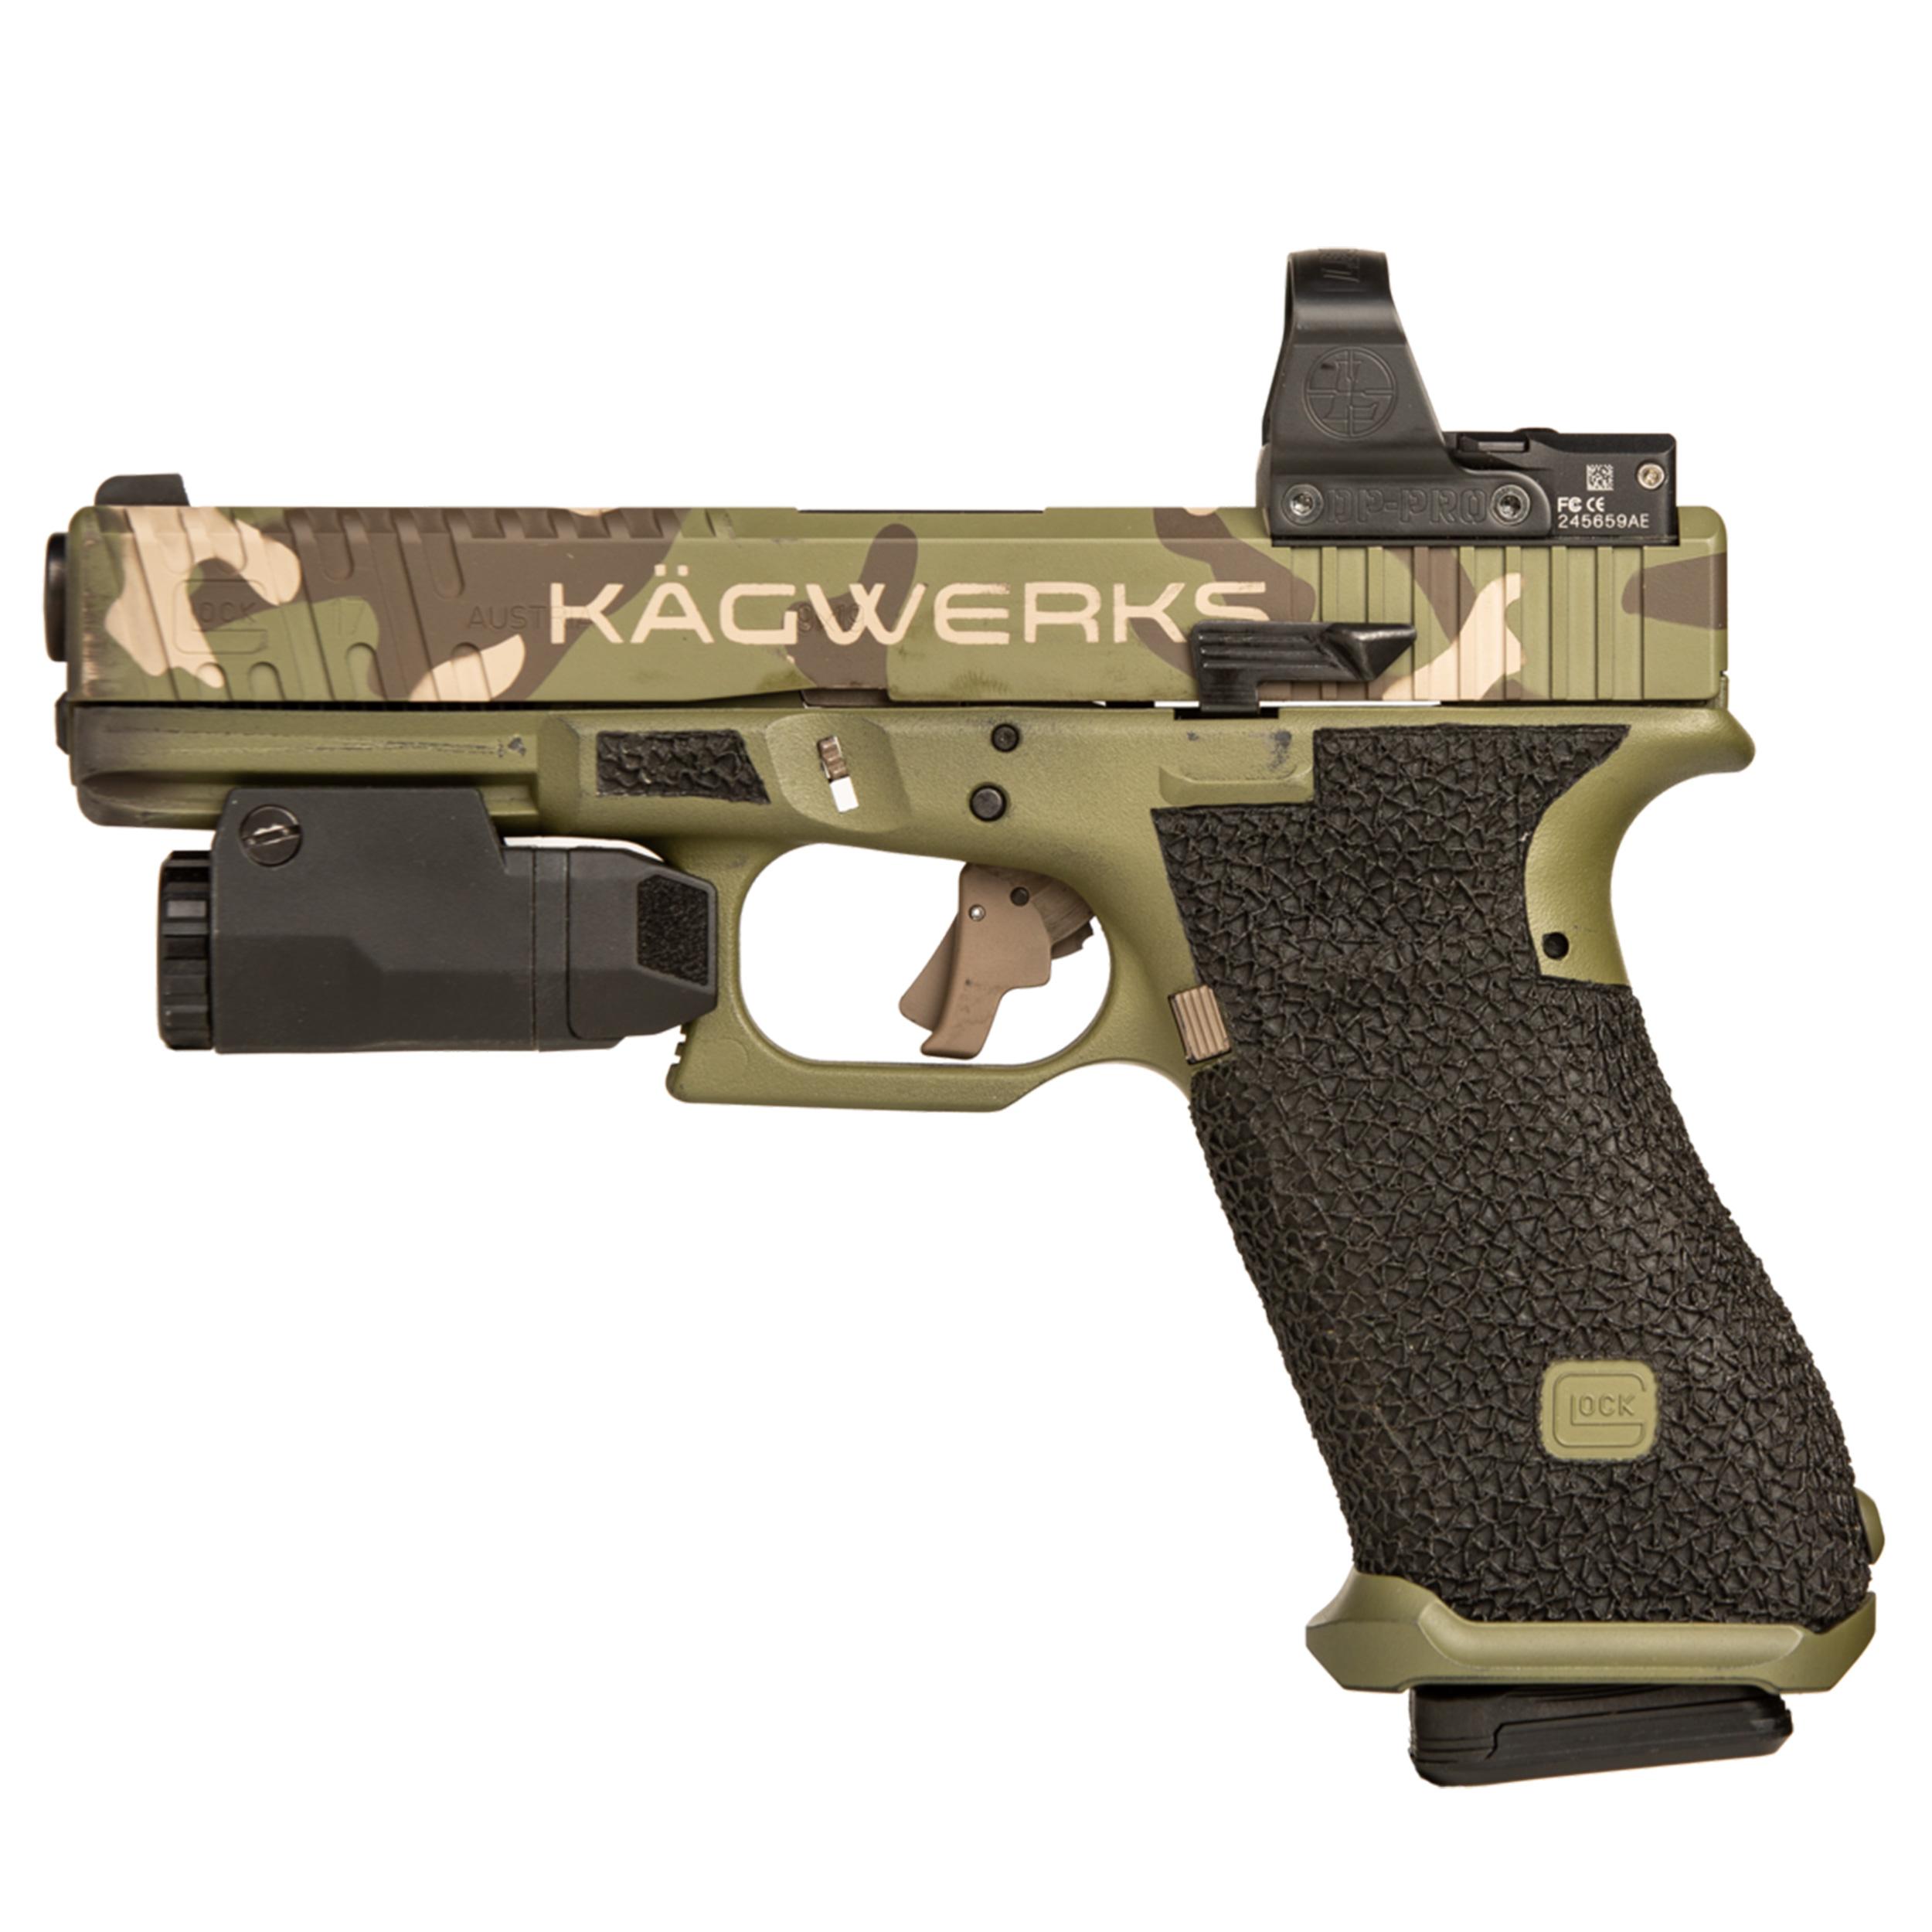 KAGWERKS-glock